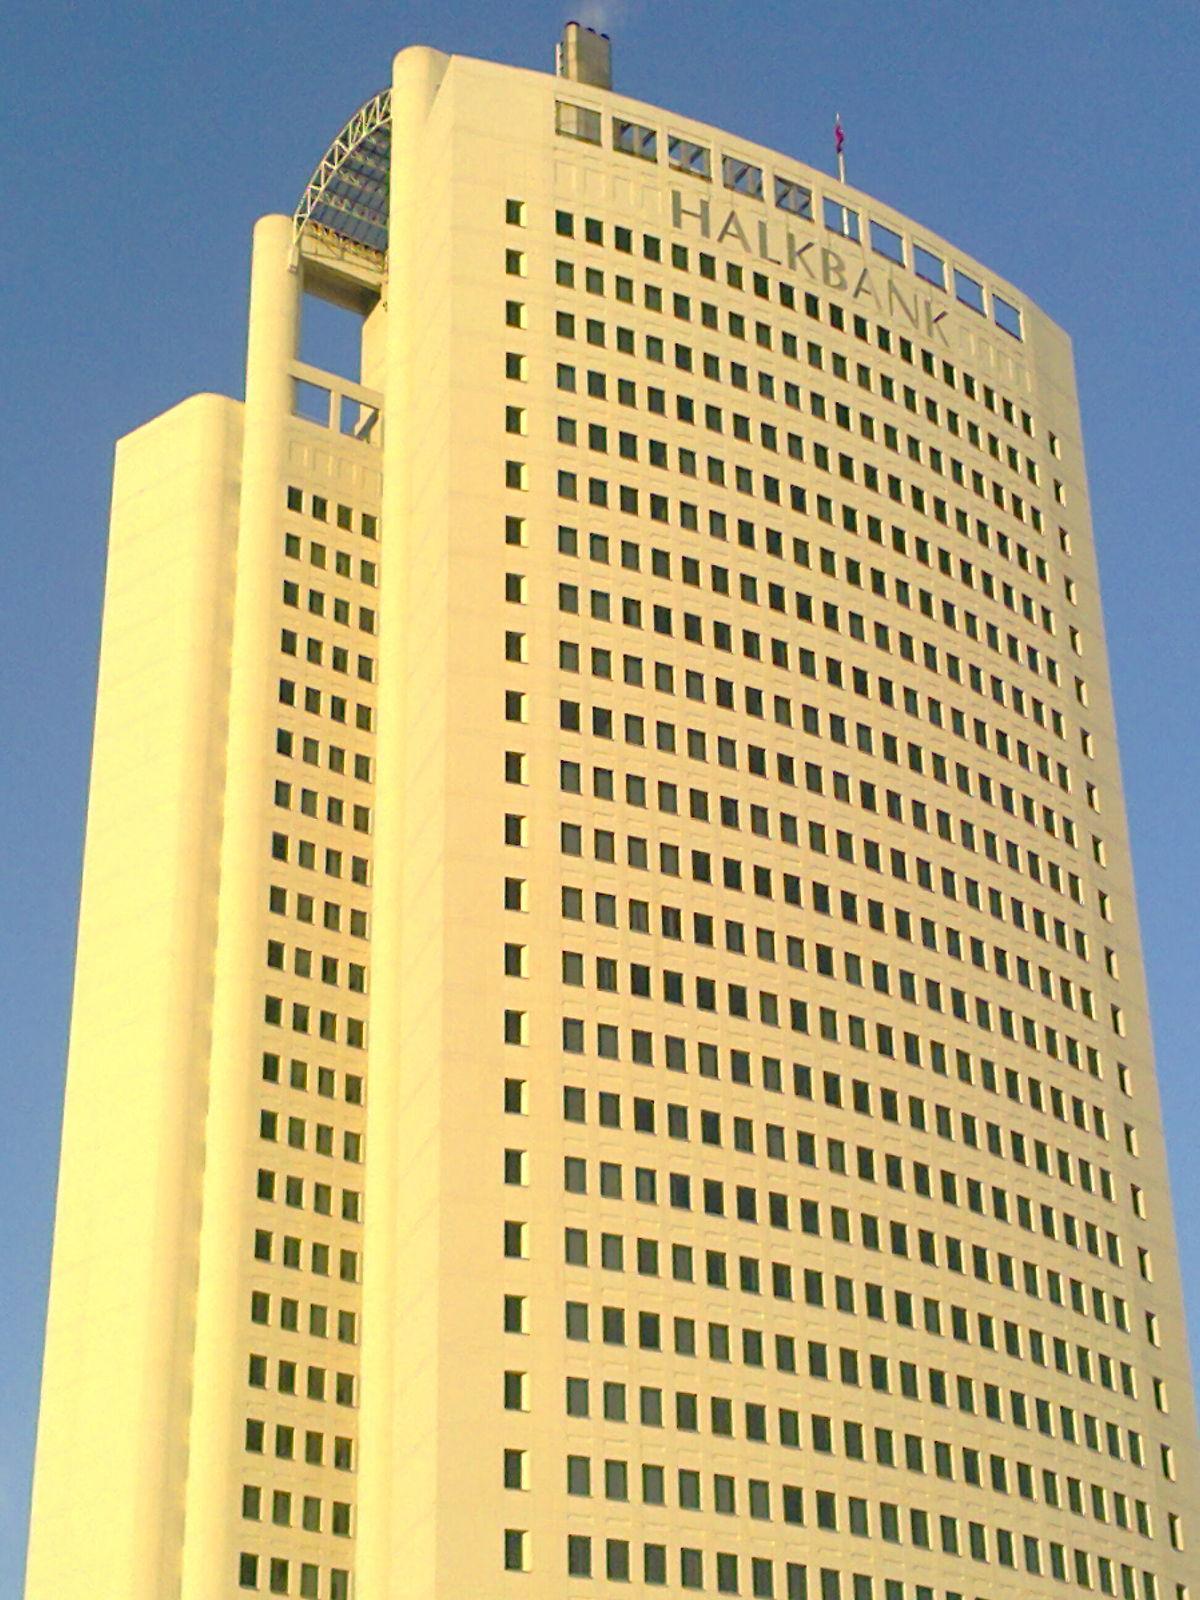 Halk Bankası Wikipedia